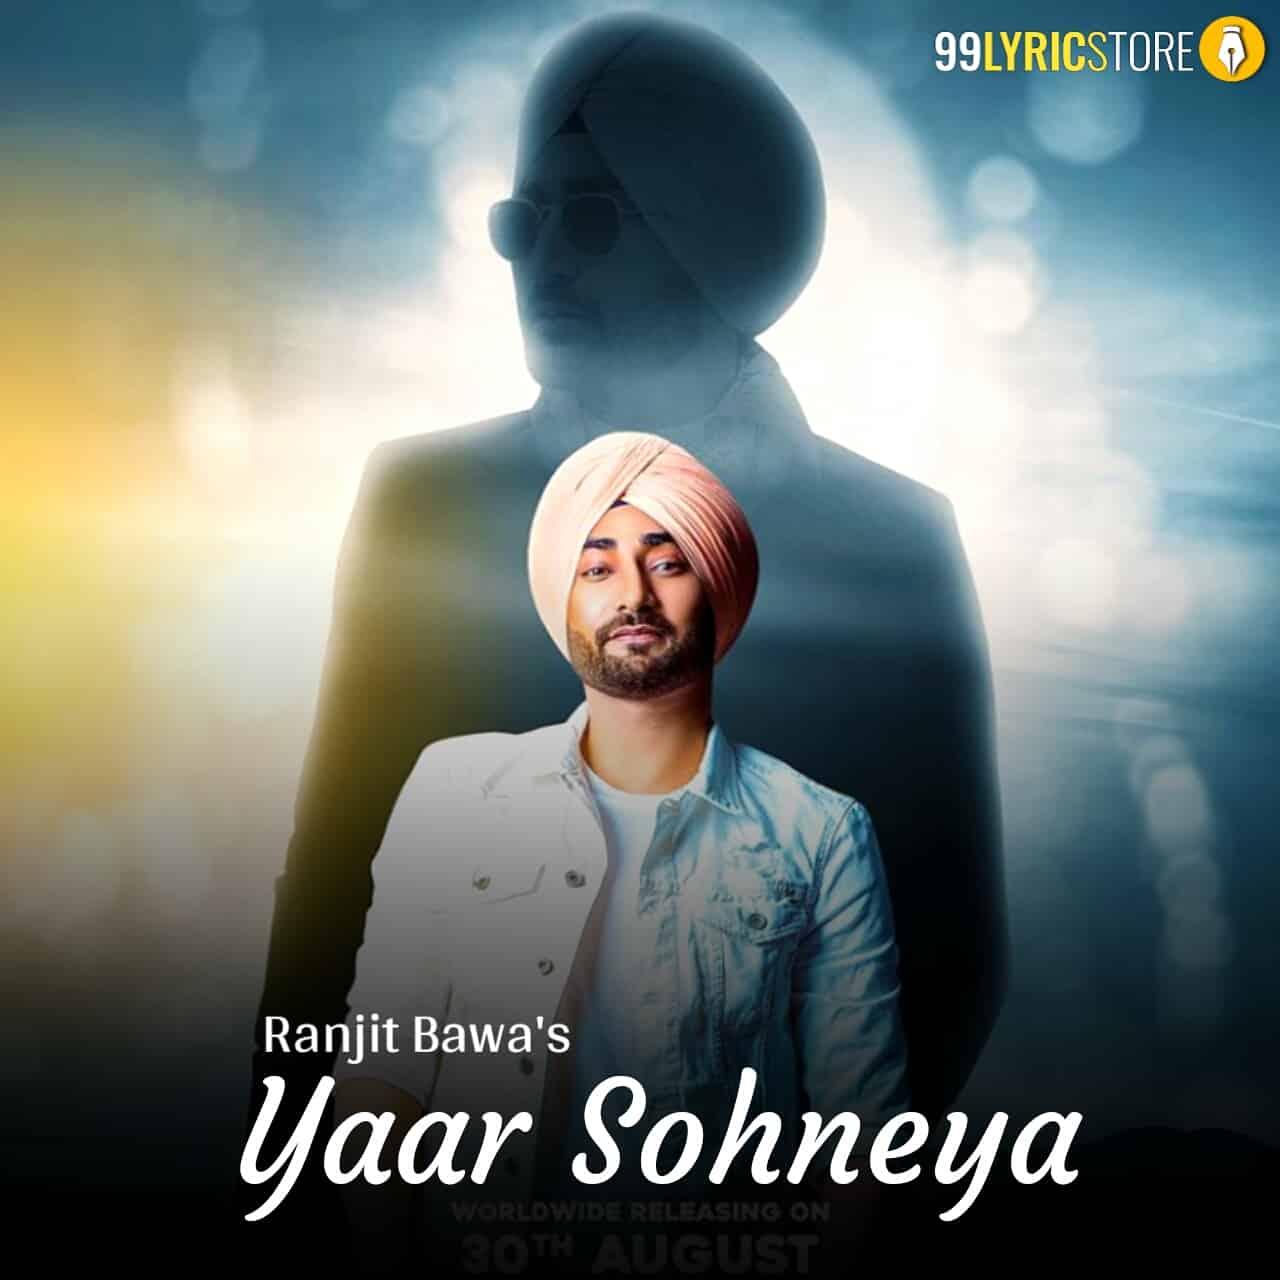 Yaar Sohneya Punjabi Song Sung by Ranjit Bawa